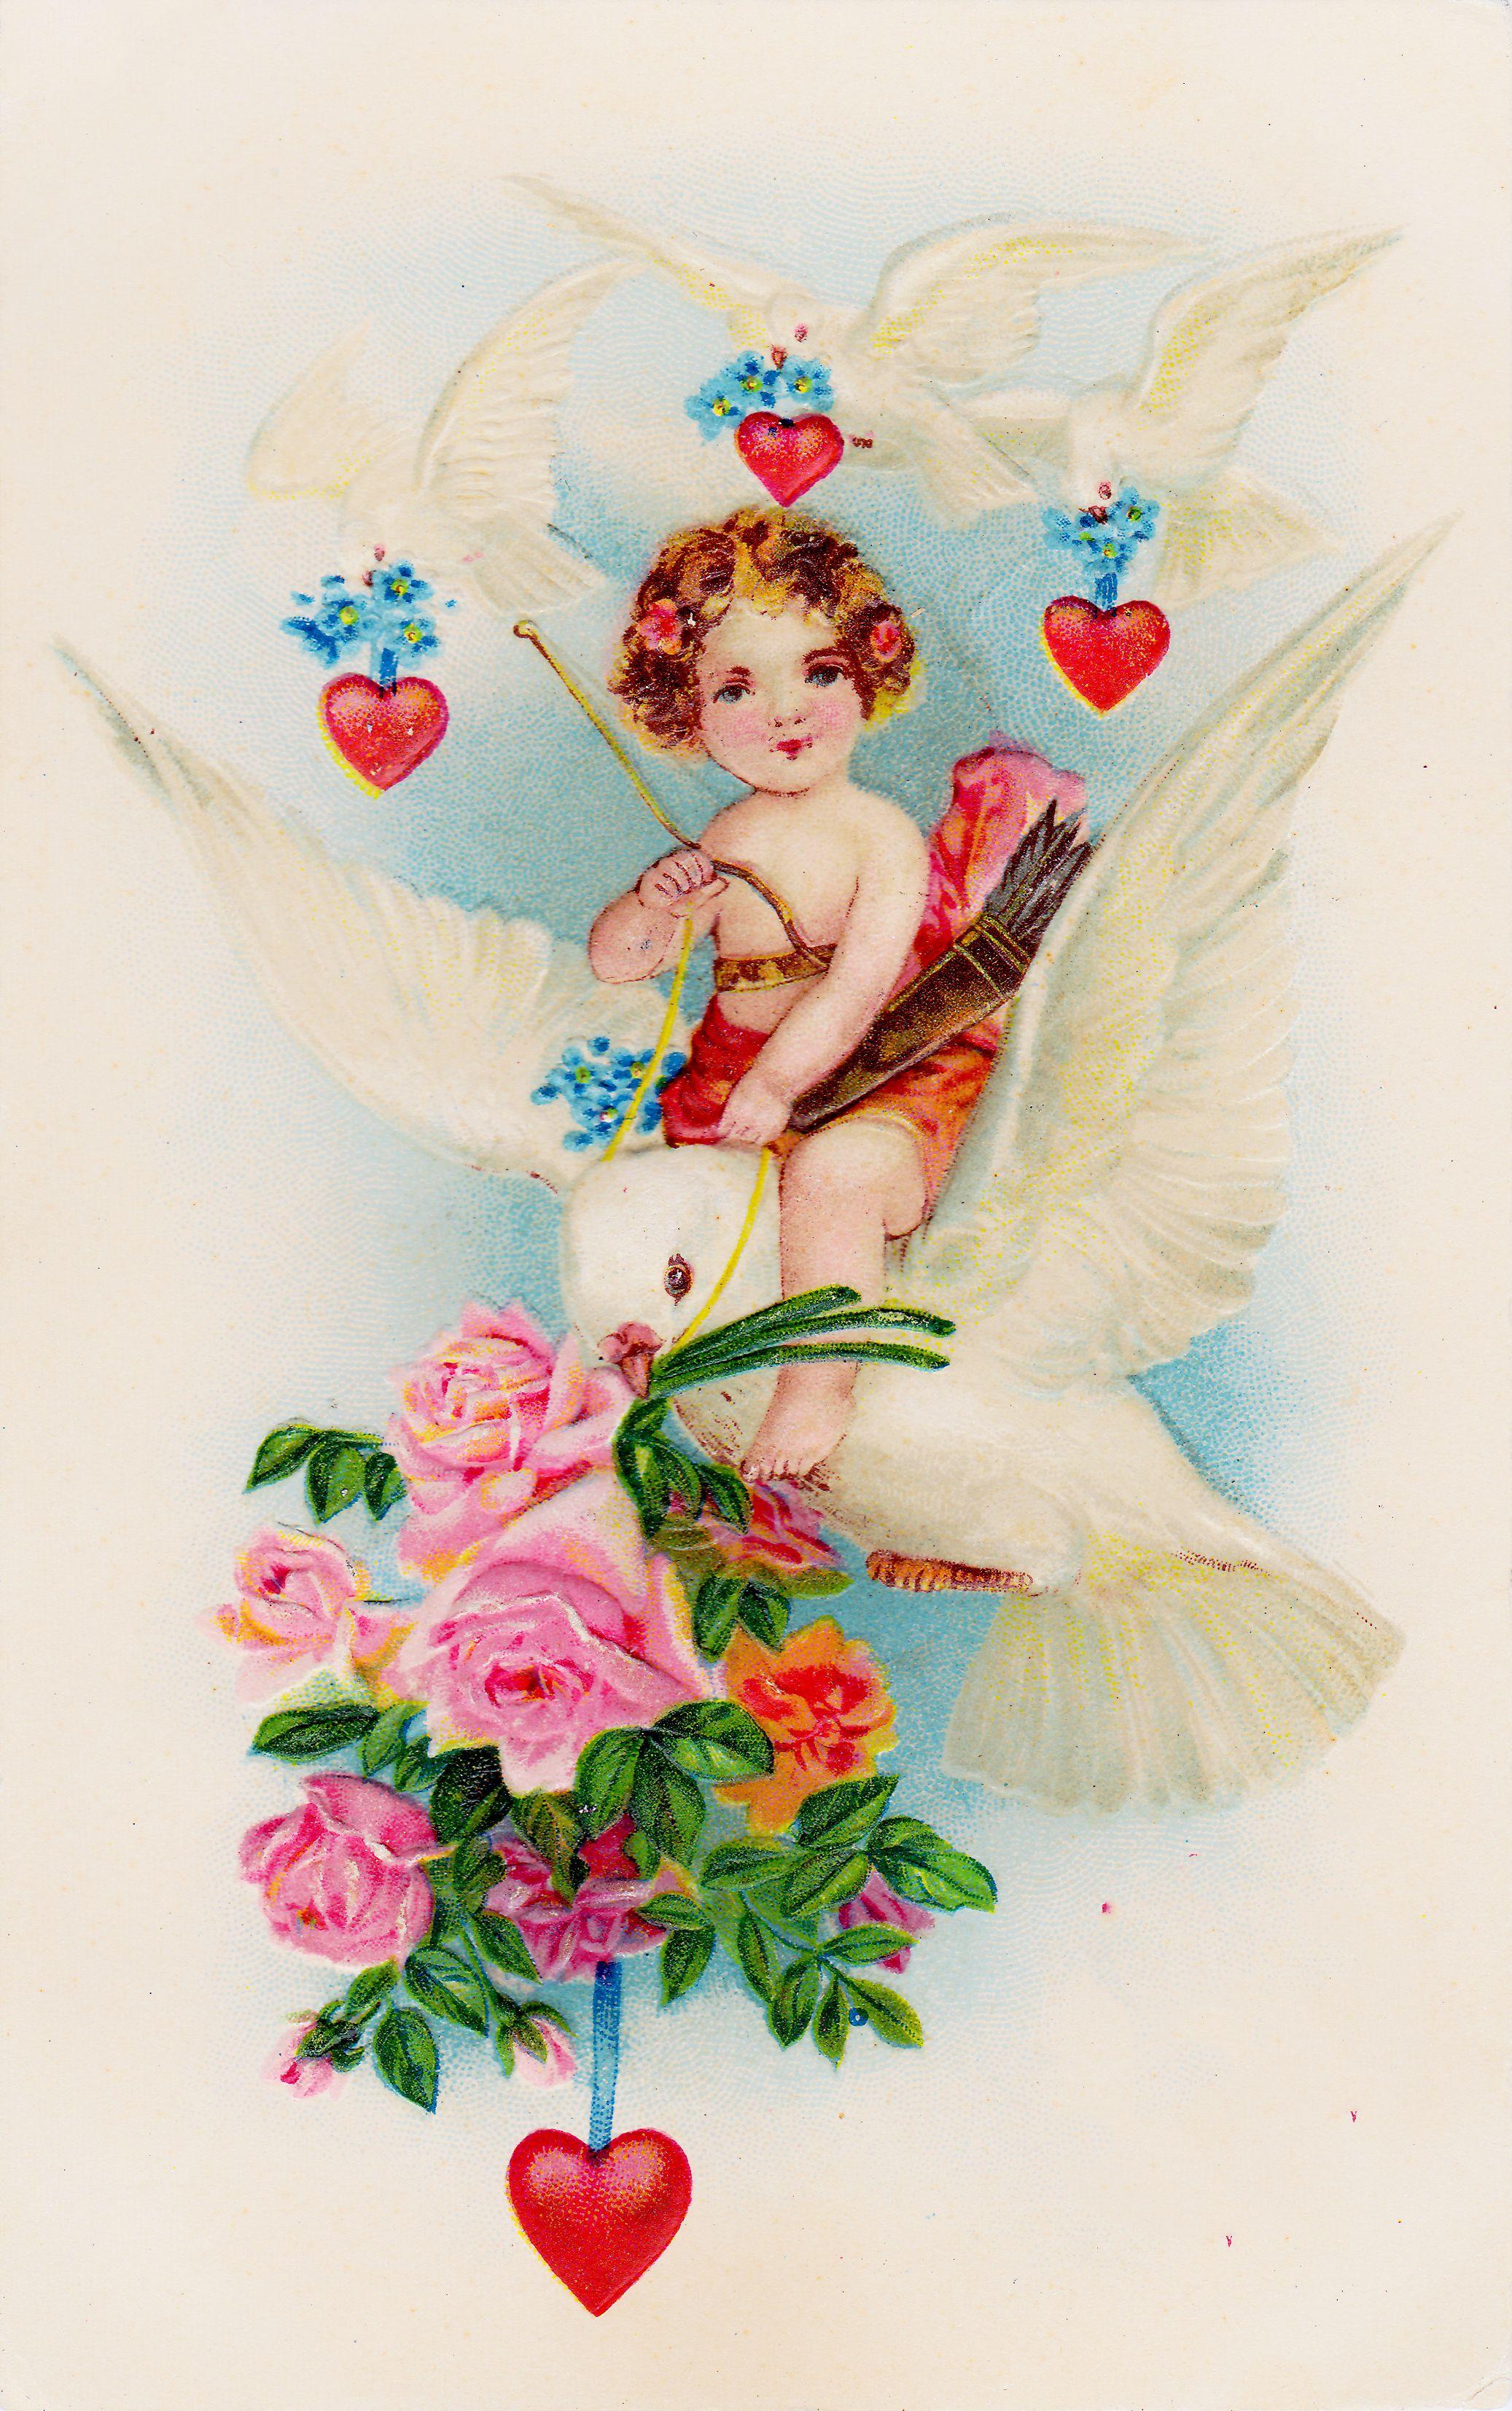 Армию прикольные, открытка день валентина для печати